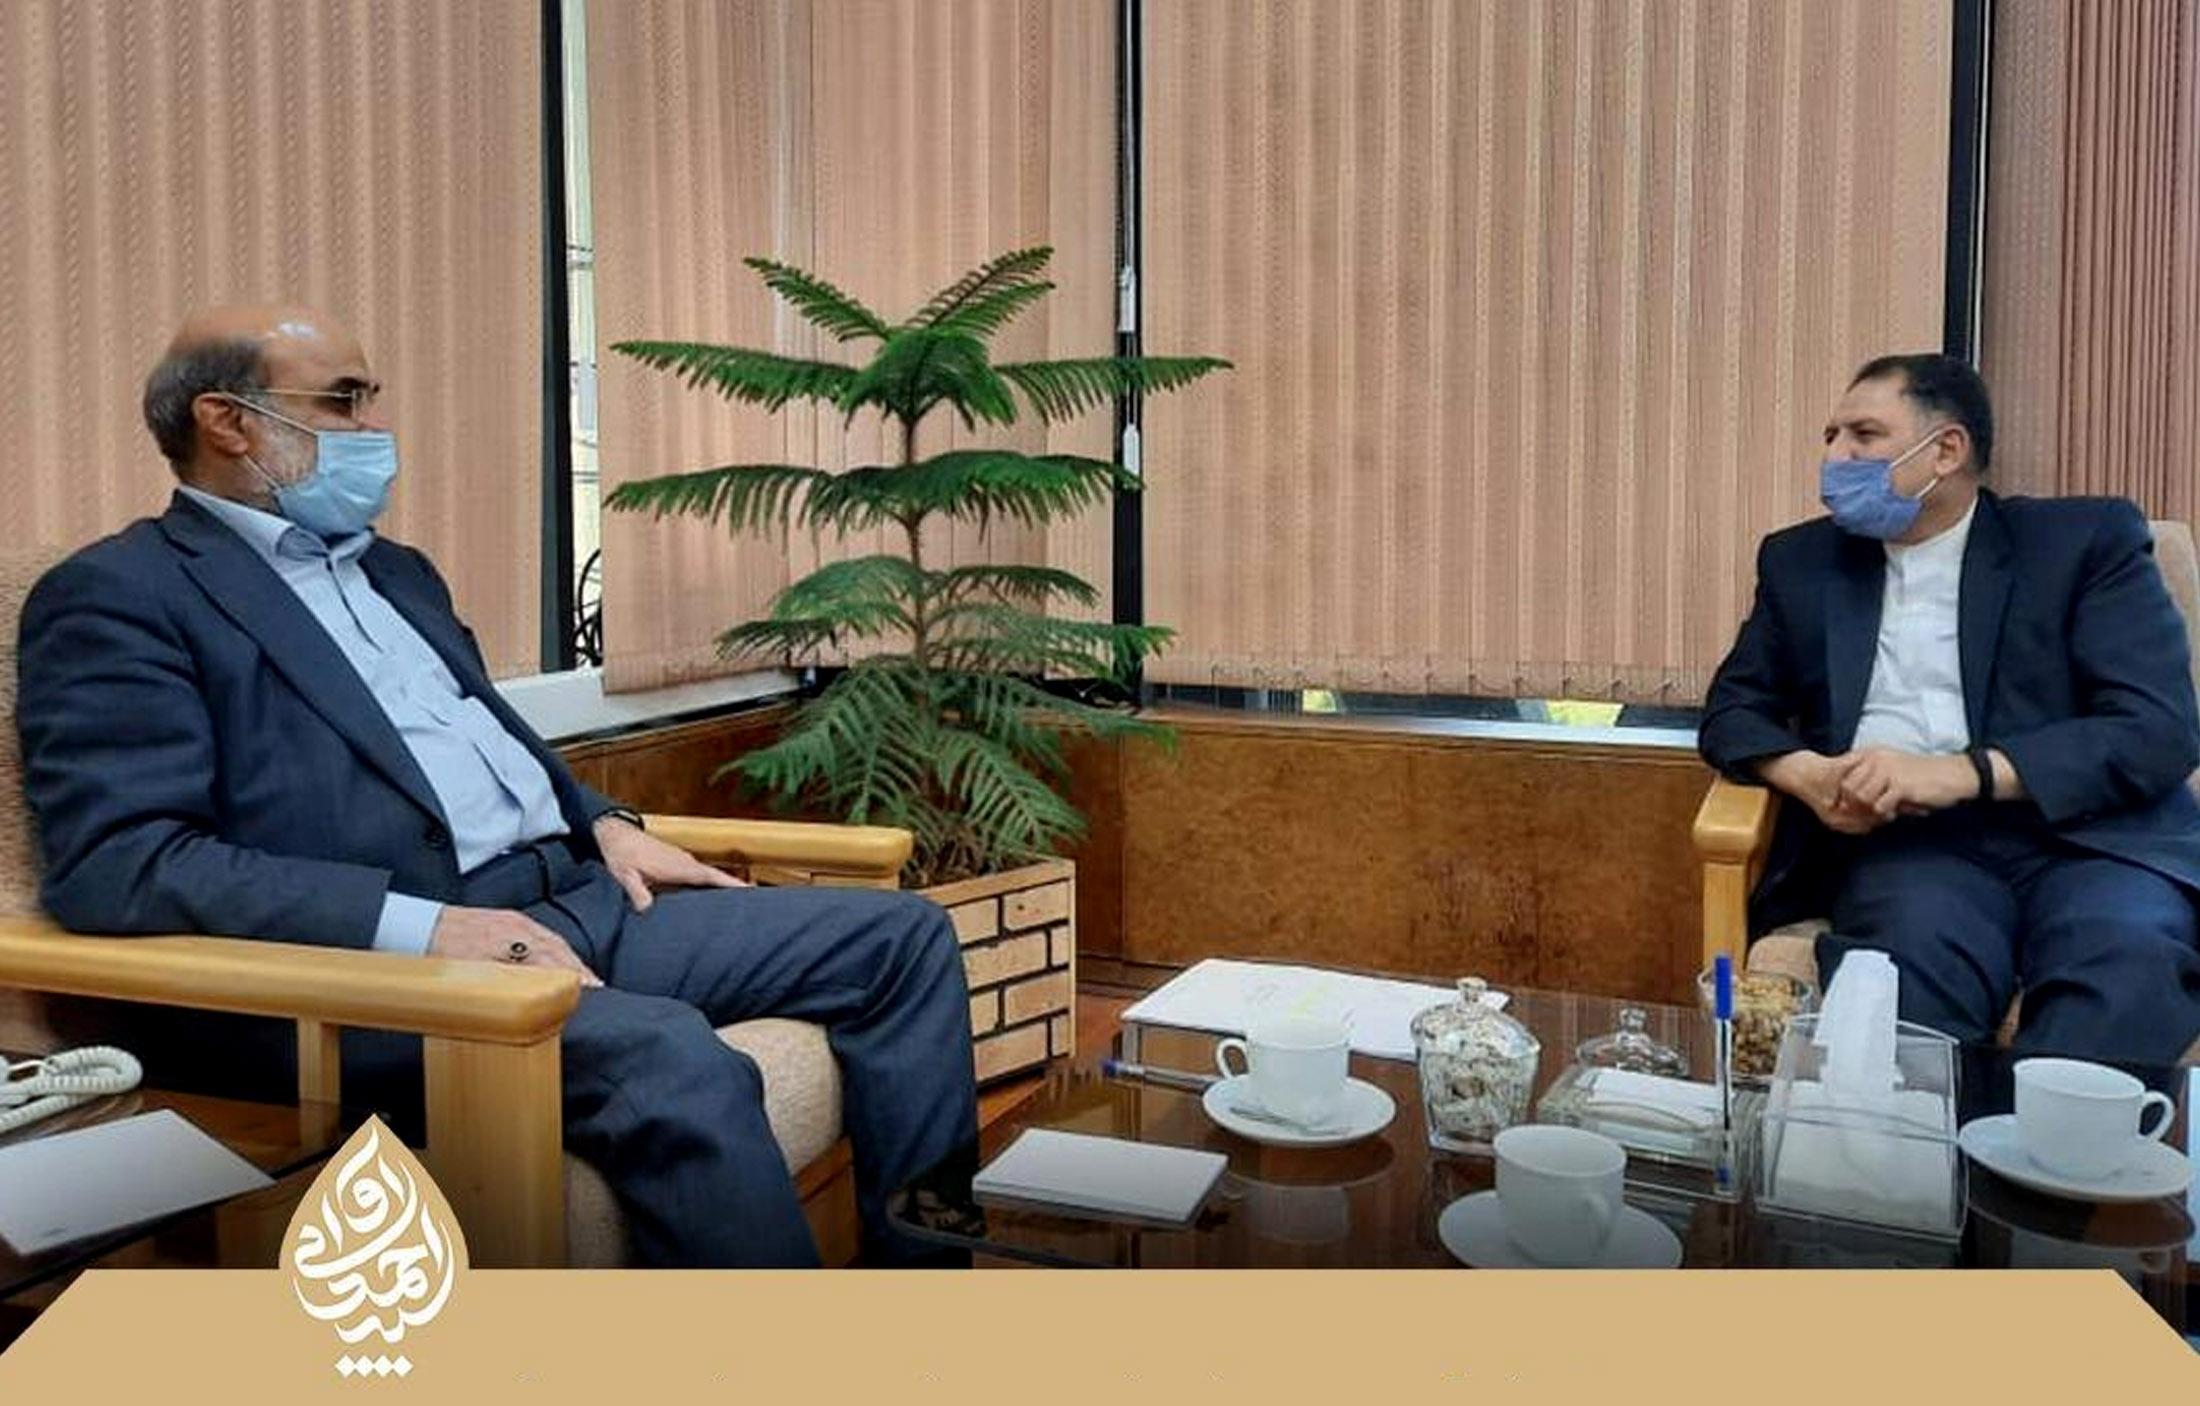 آوایی پس از دیدار با رئیس سازمان صداوسیما خبر داد: افزایش ساعات پخش رادیو دزفول